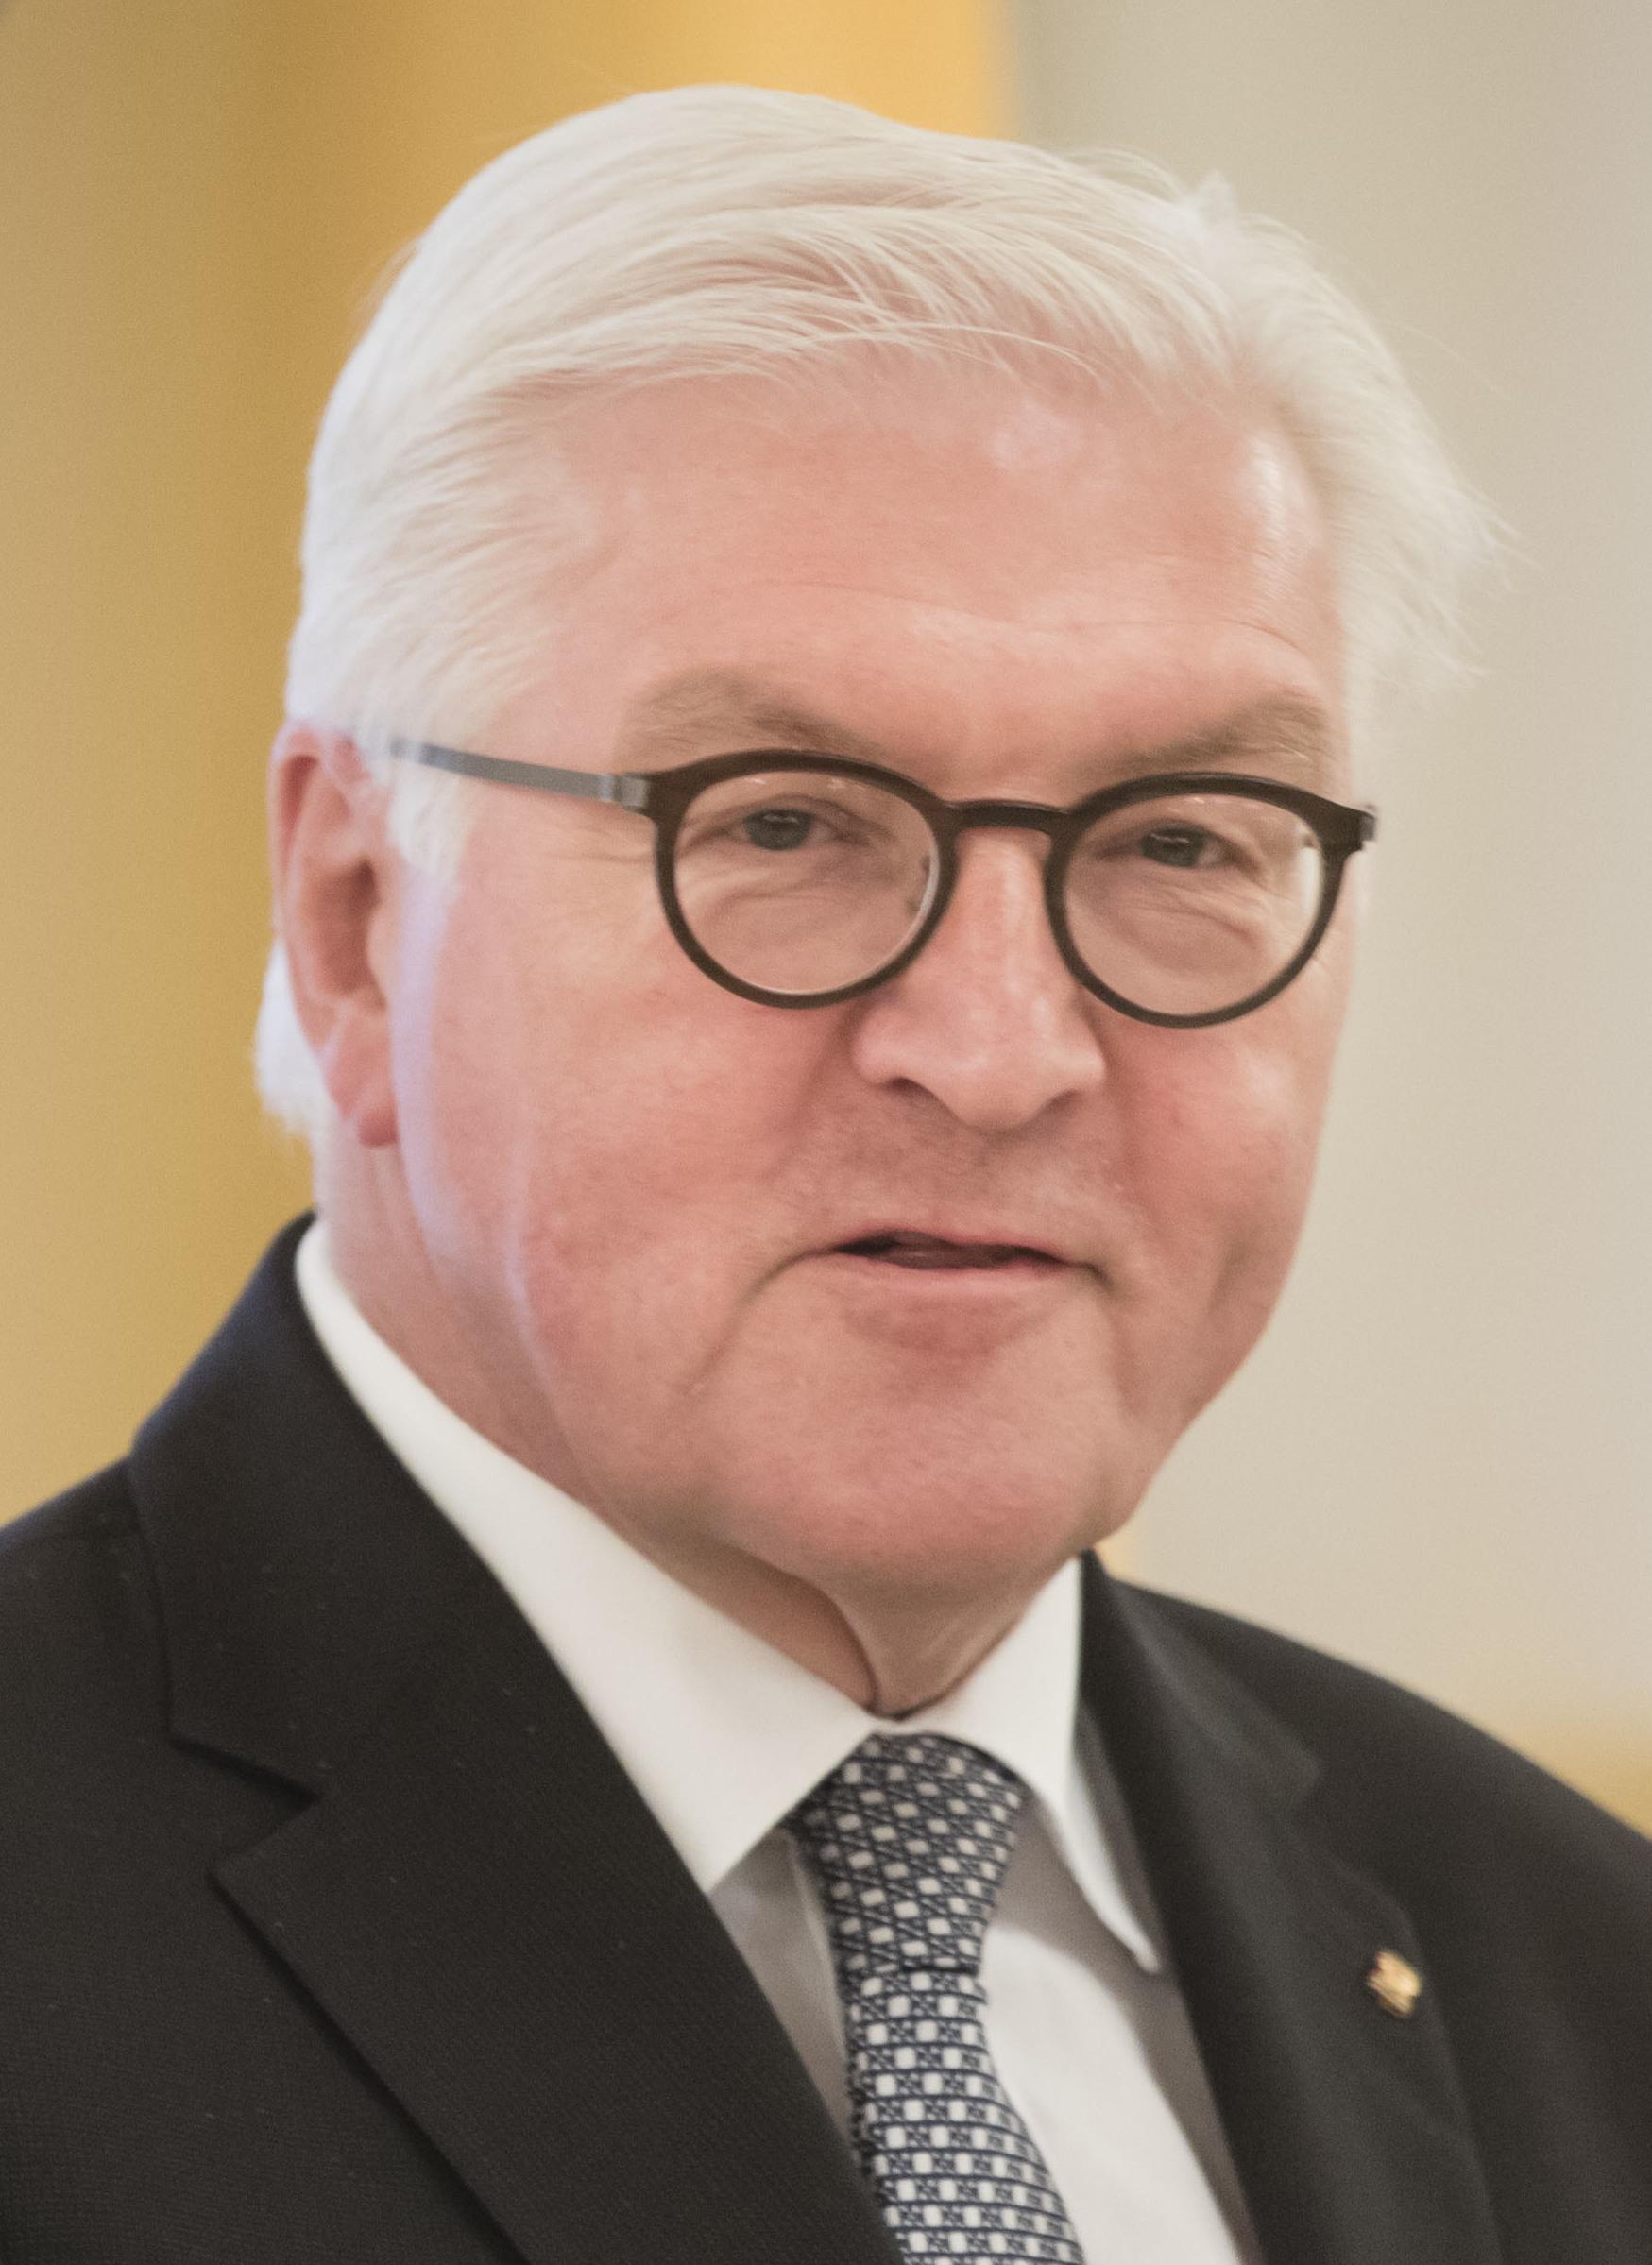 Frank-Walter Steinmeier - Wikipedia